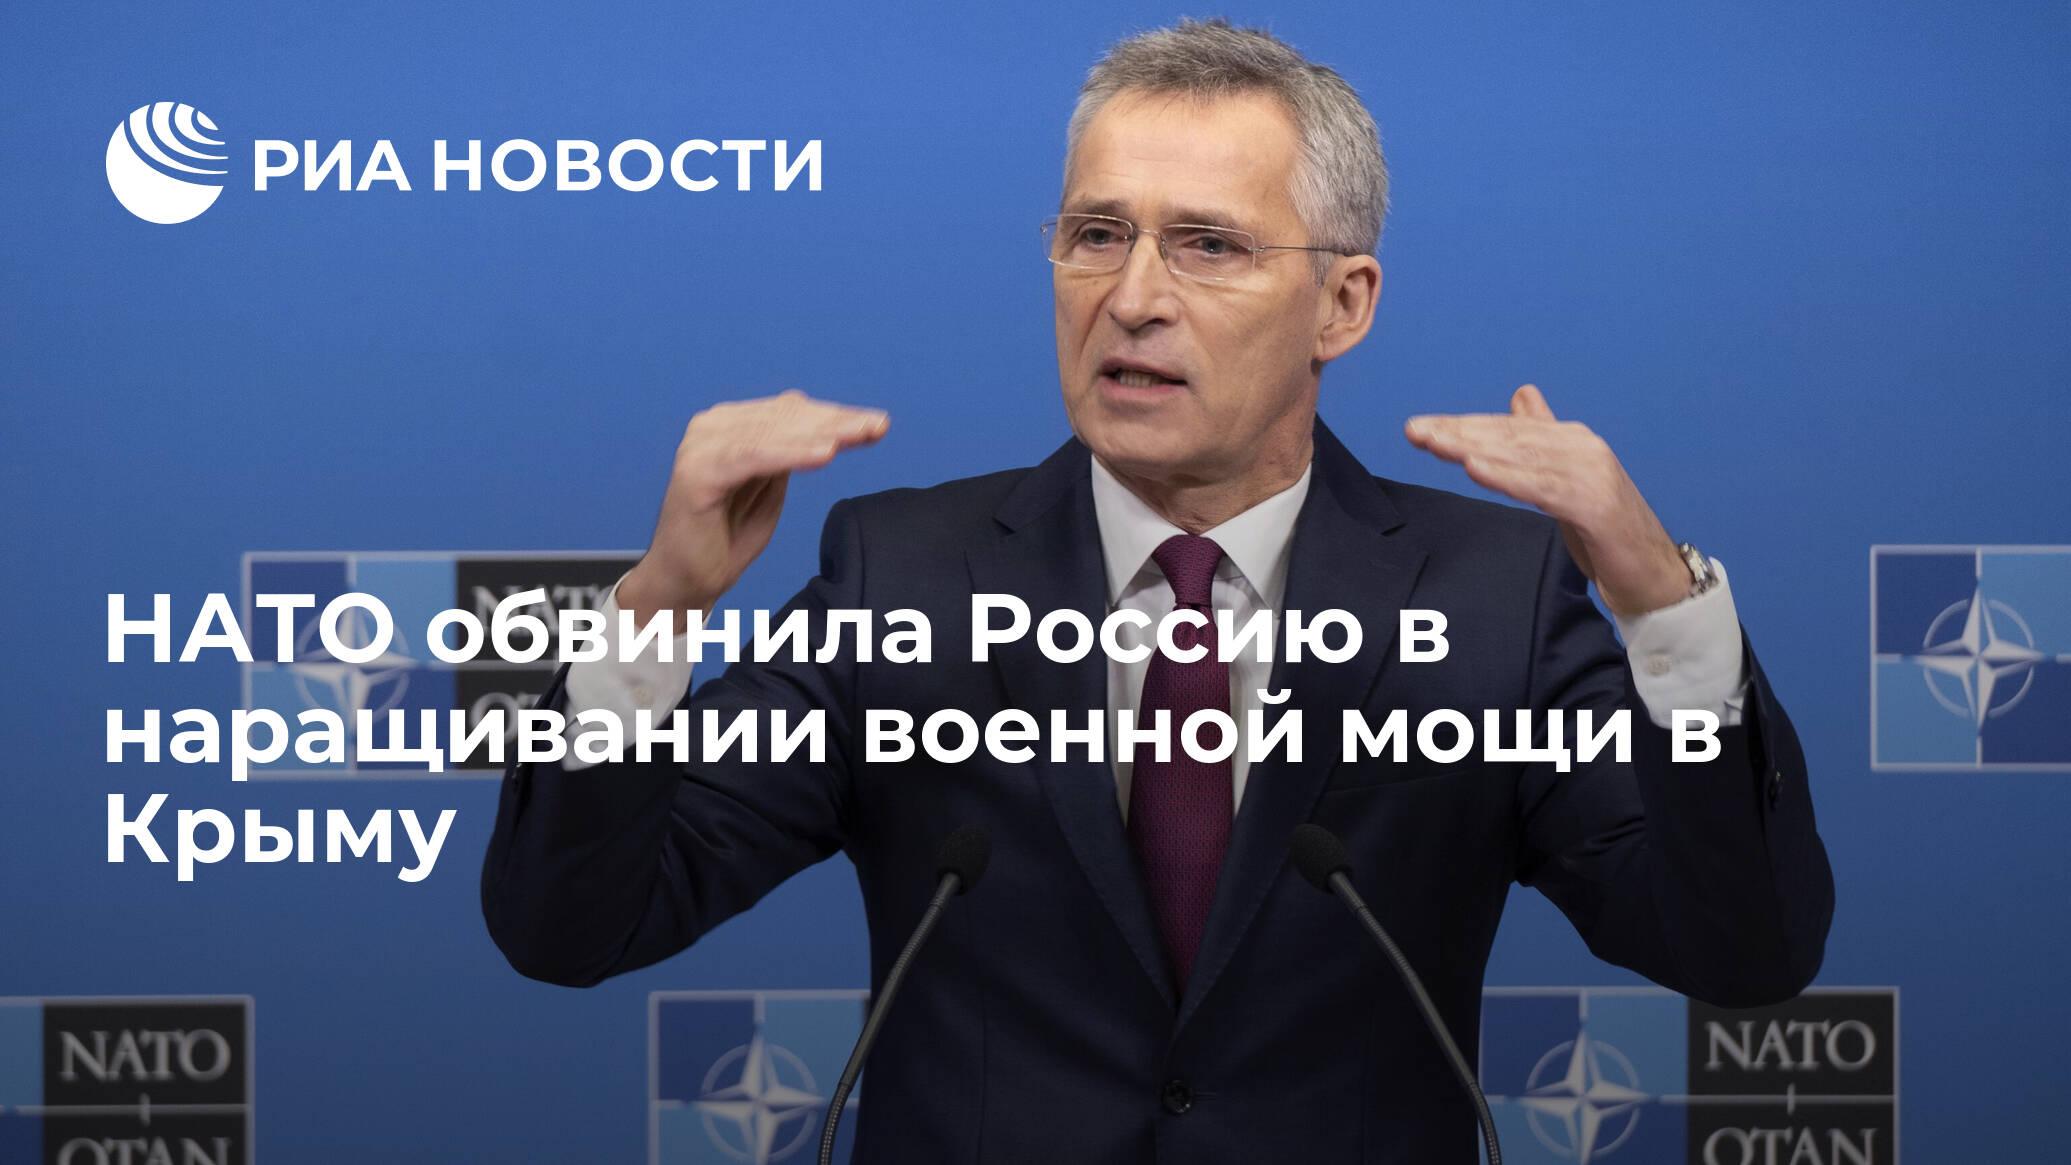 НАТО обвинила Россию в наращивании военной мощи в Крыму